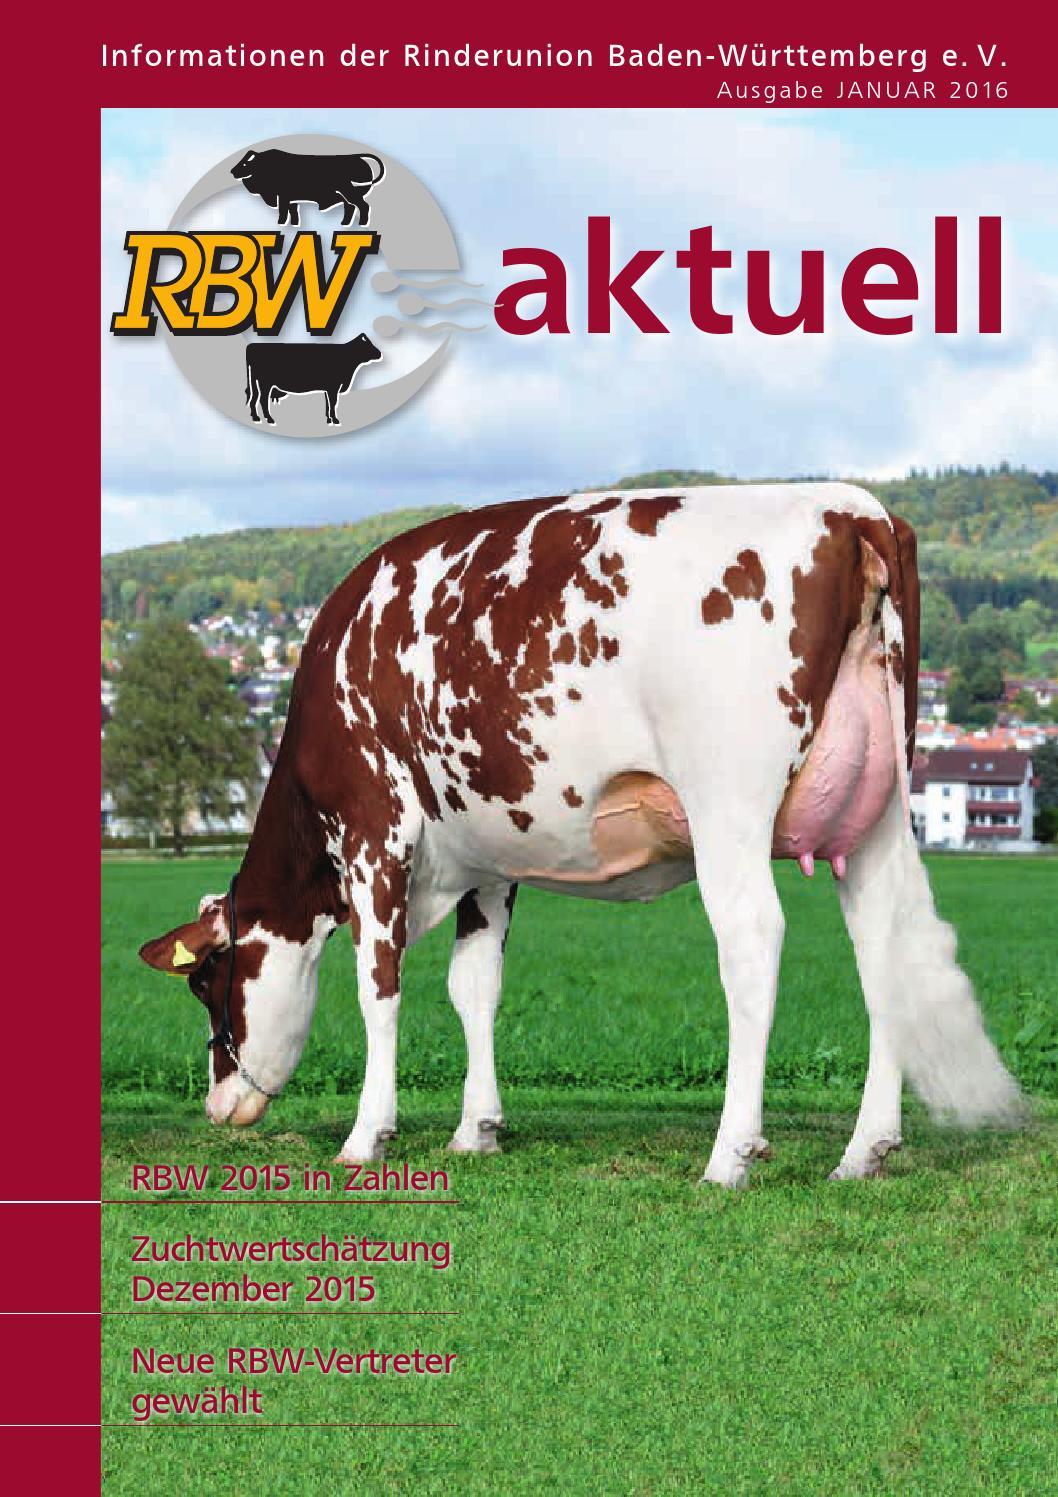 Rbw Aktuell Ausgabe Januar 2016 By Rinderunion Baden